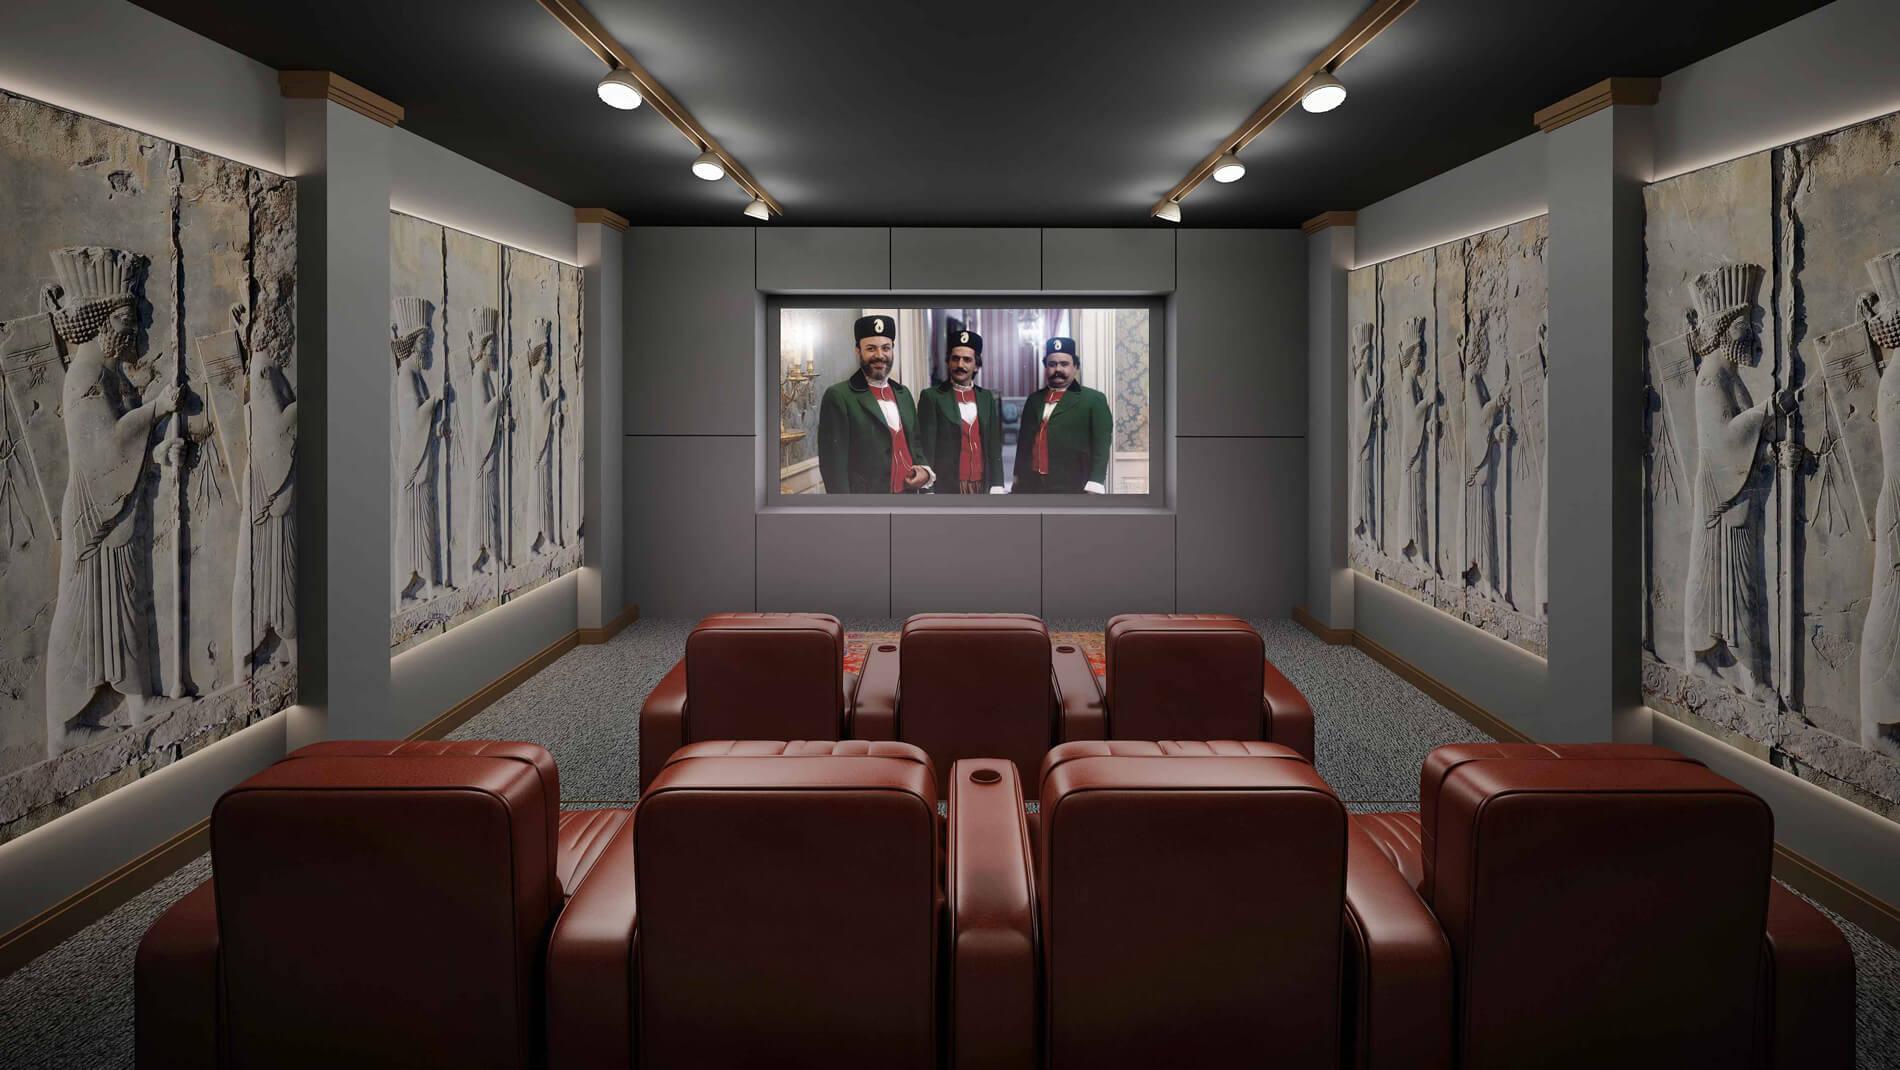 سینما خانگی انواع طرح ها